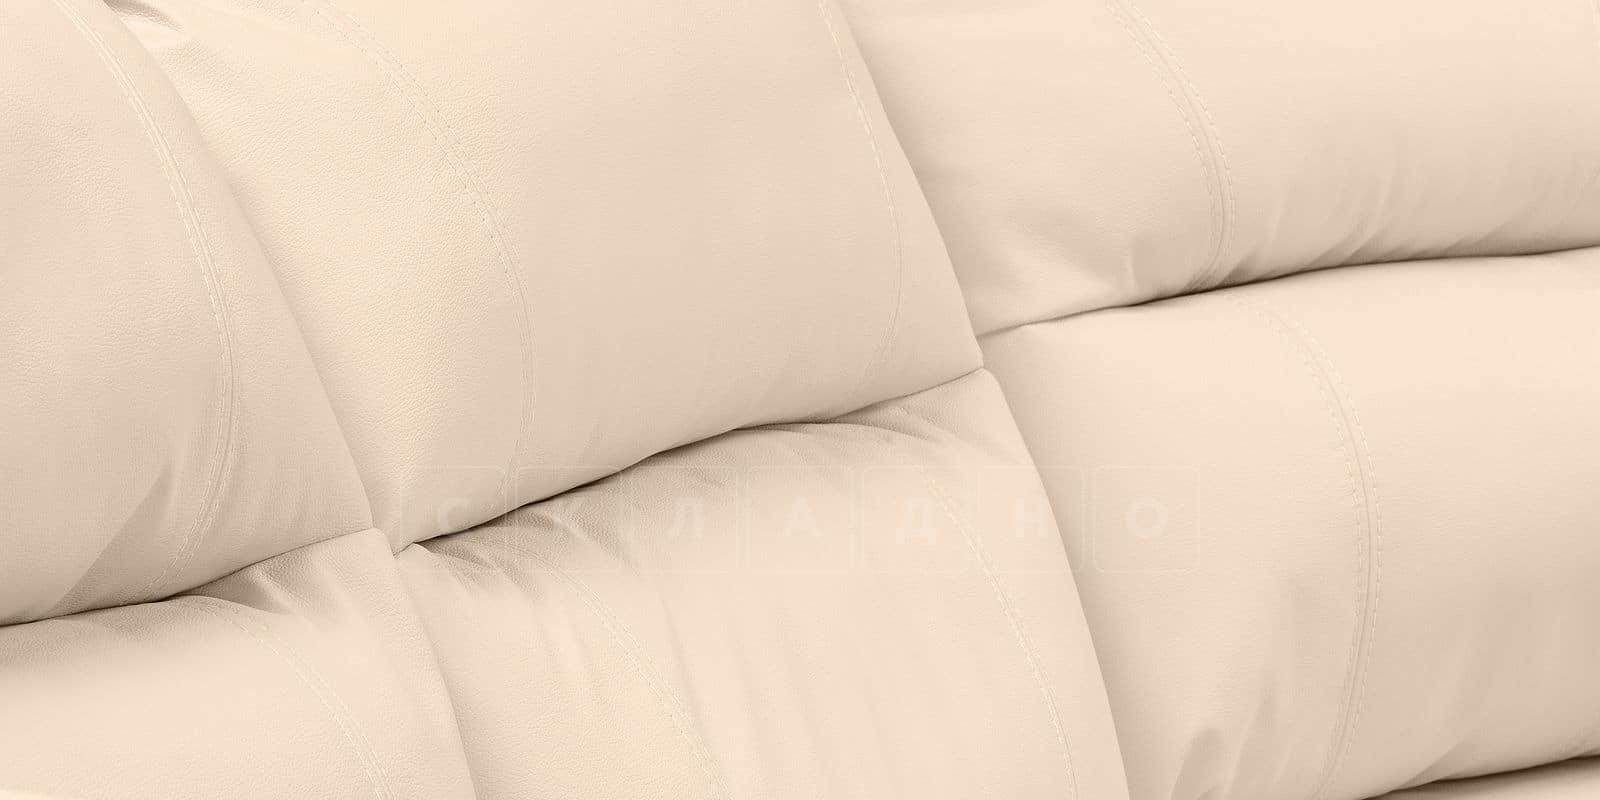 Диван угловой Бристоль кожаный бежевого цвета левый угол фото 6   интернет-магазин Складно